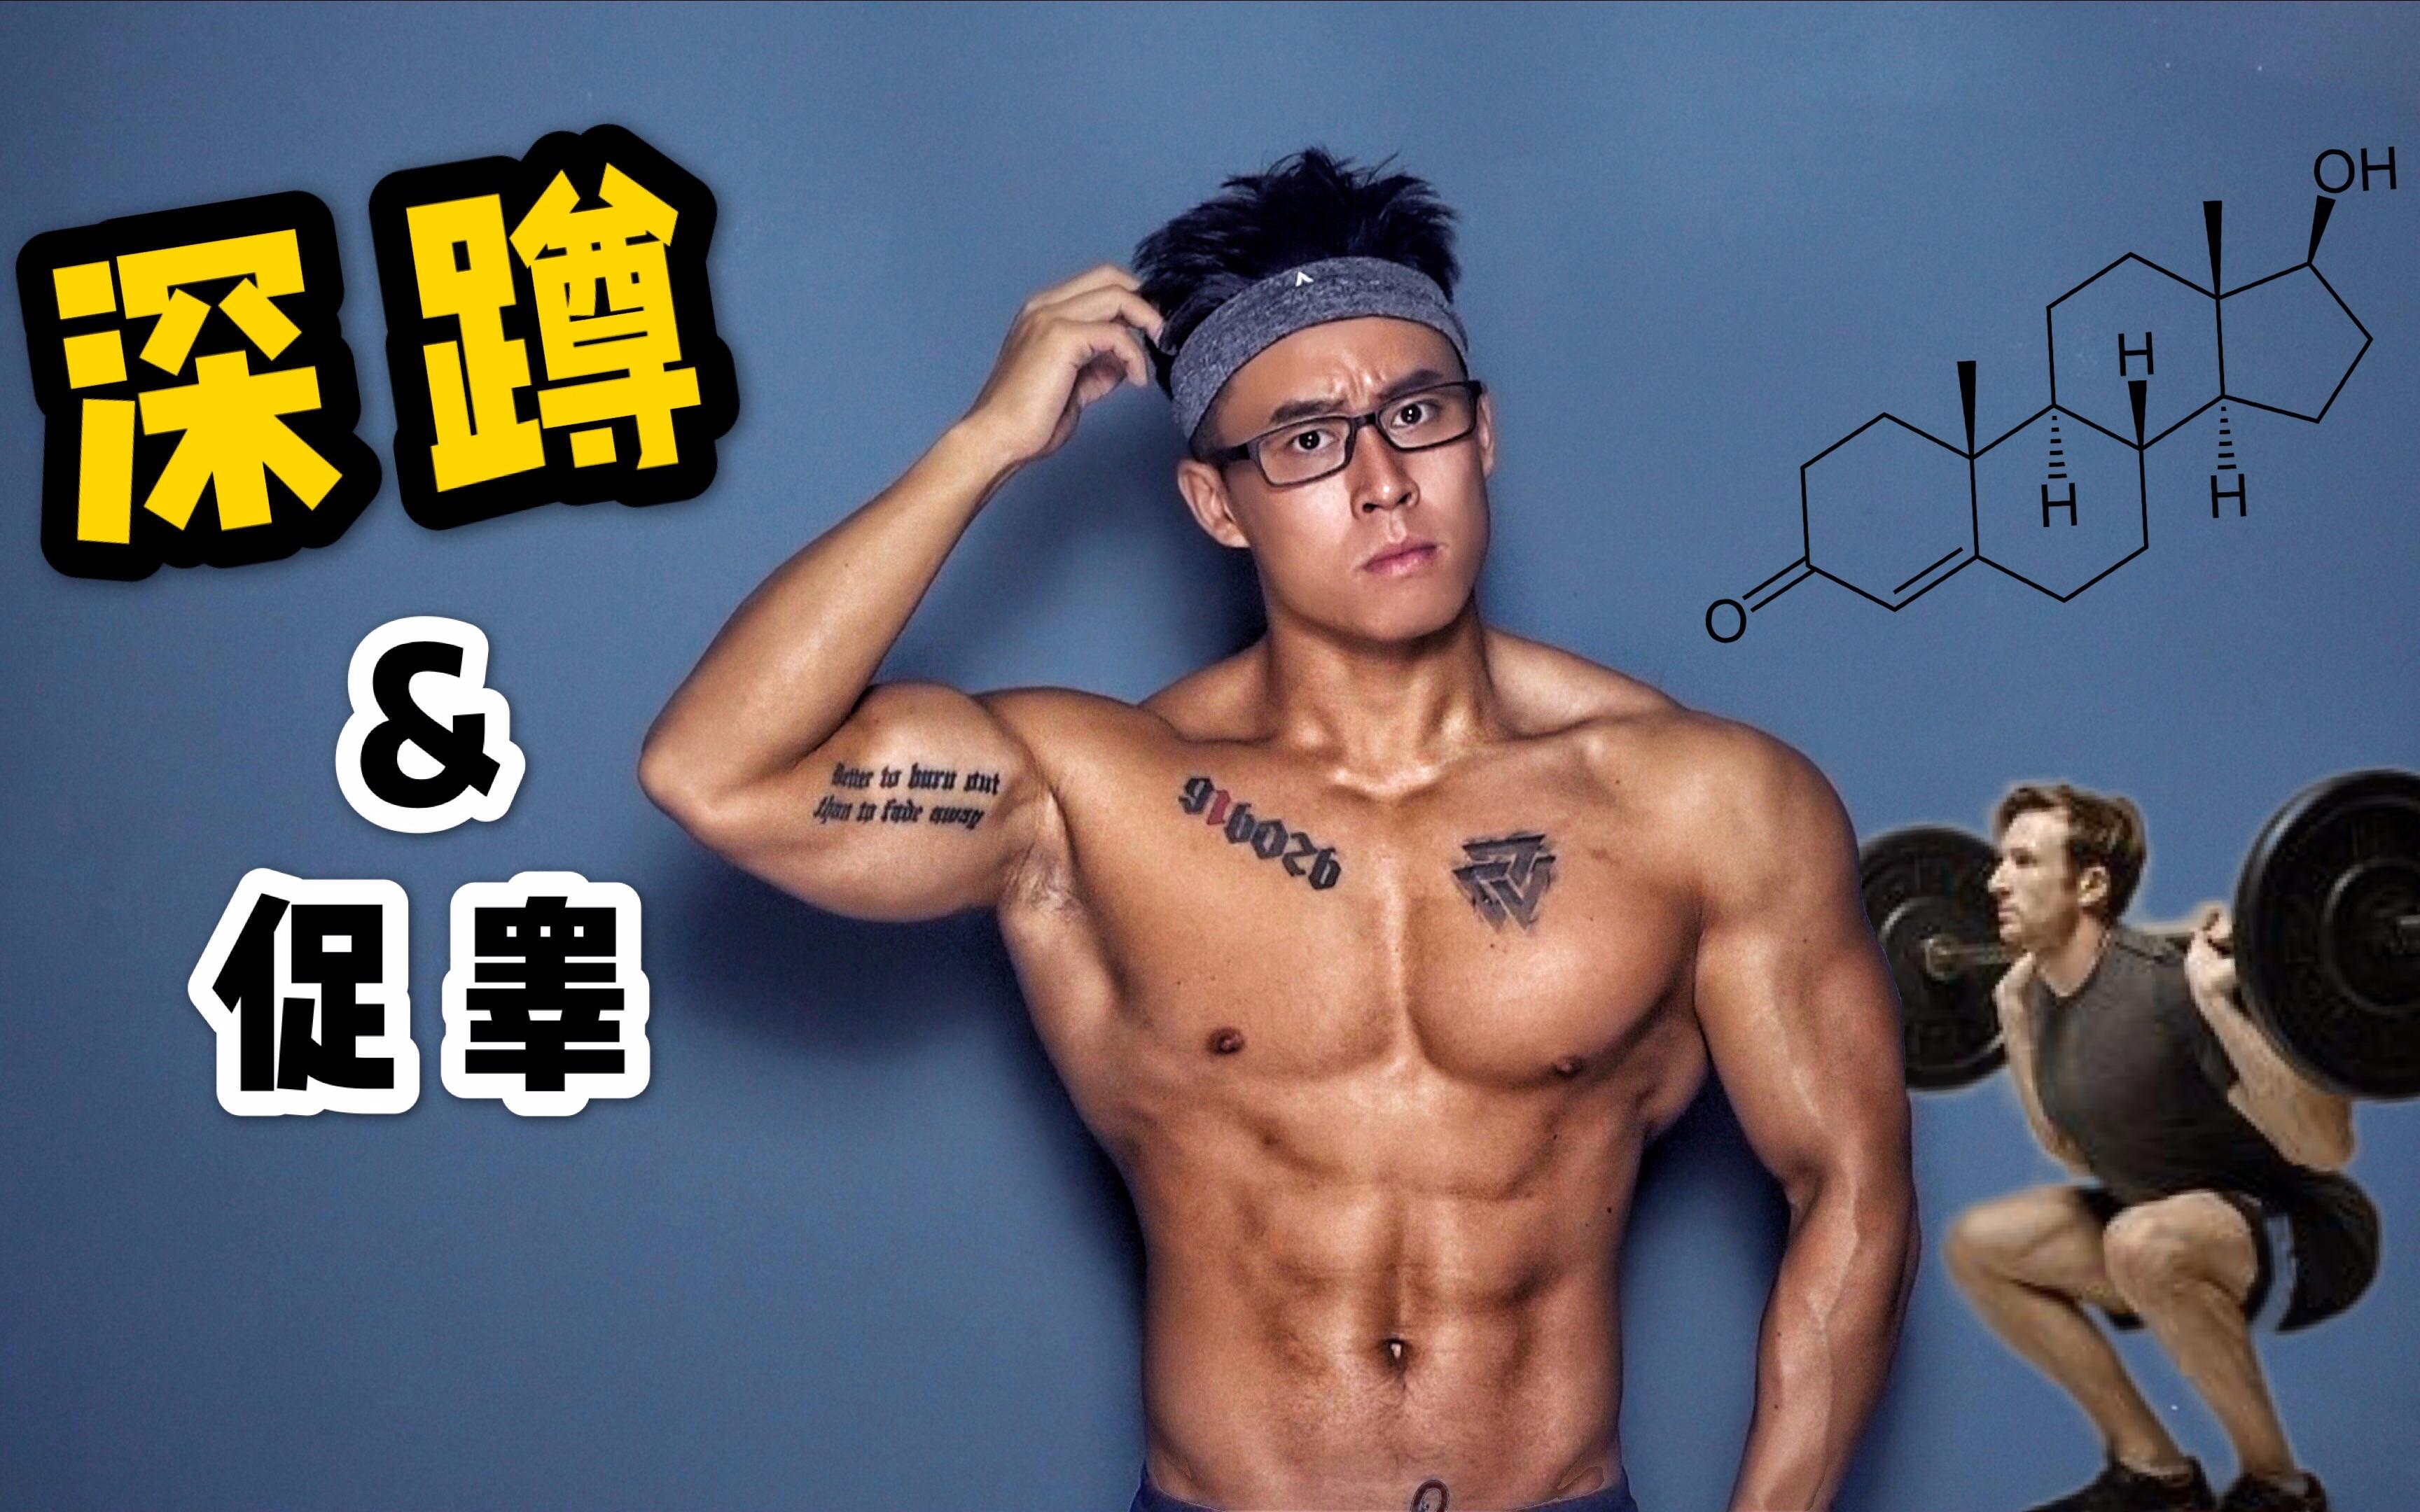 促睾增肌素_健身迷思   深蹲是否能促进「睾酮」分泌,帮助「增肌」?_哔哩 ...